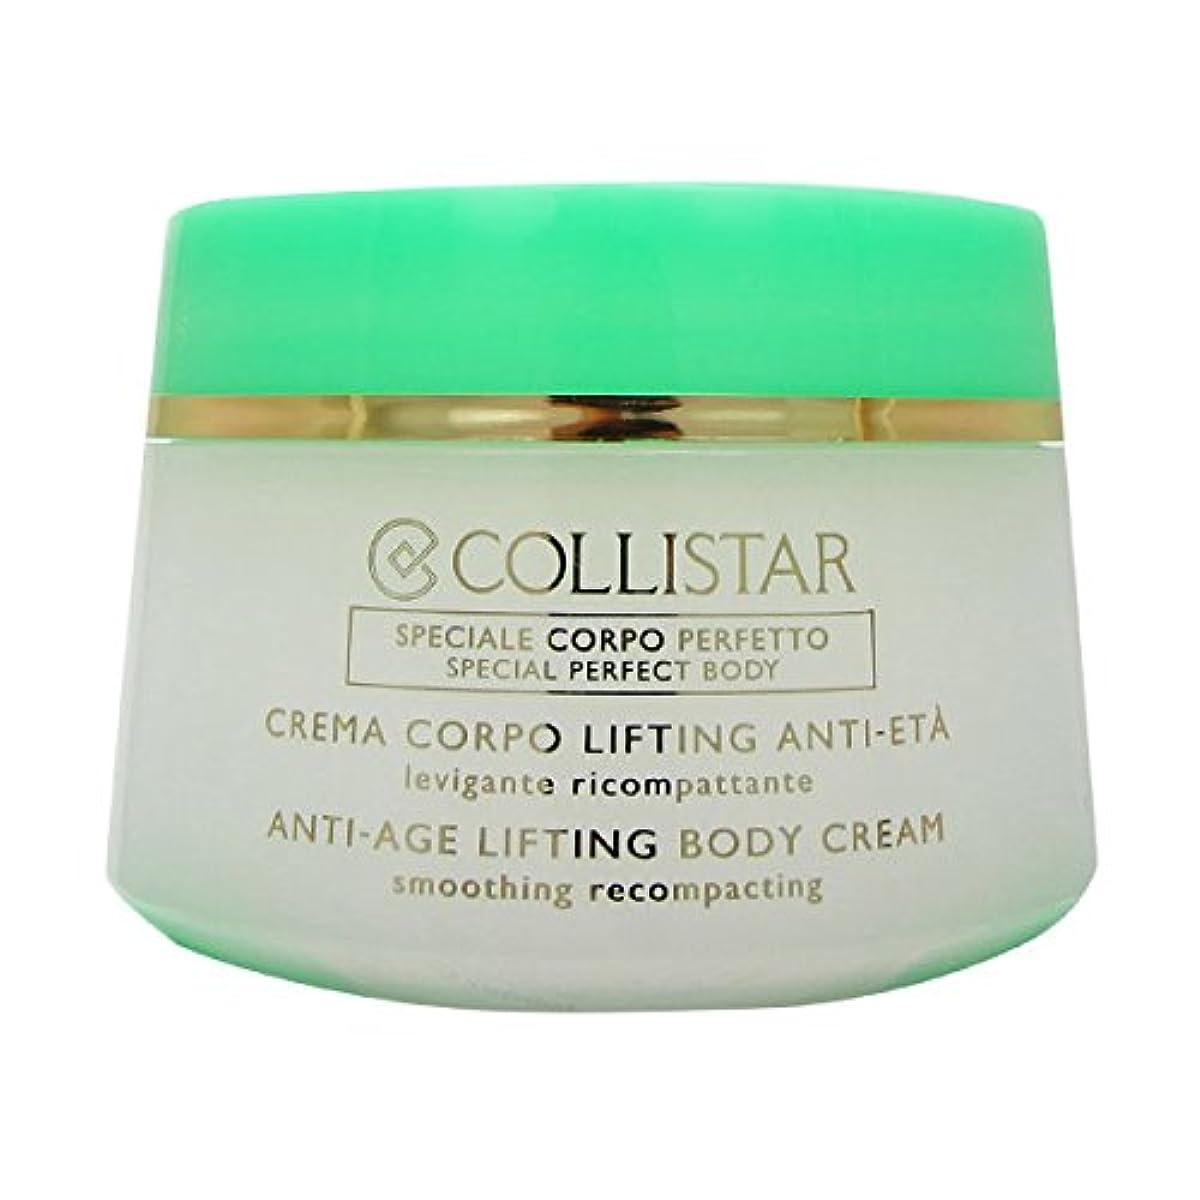 思想恐ろしい申し立てるCollistar Anti-age Lifting Body Cream 400ml [並行輸入品]